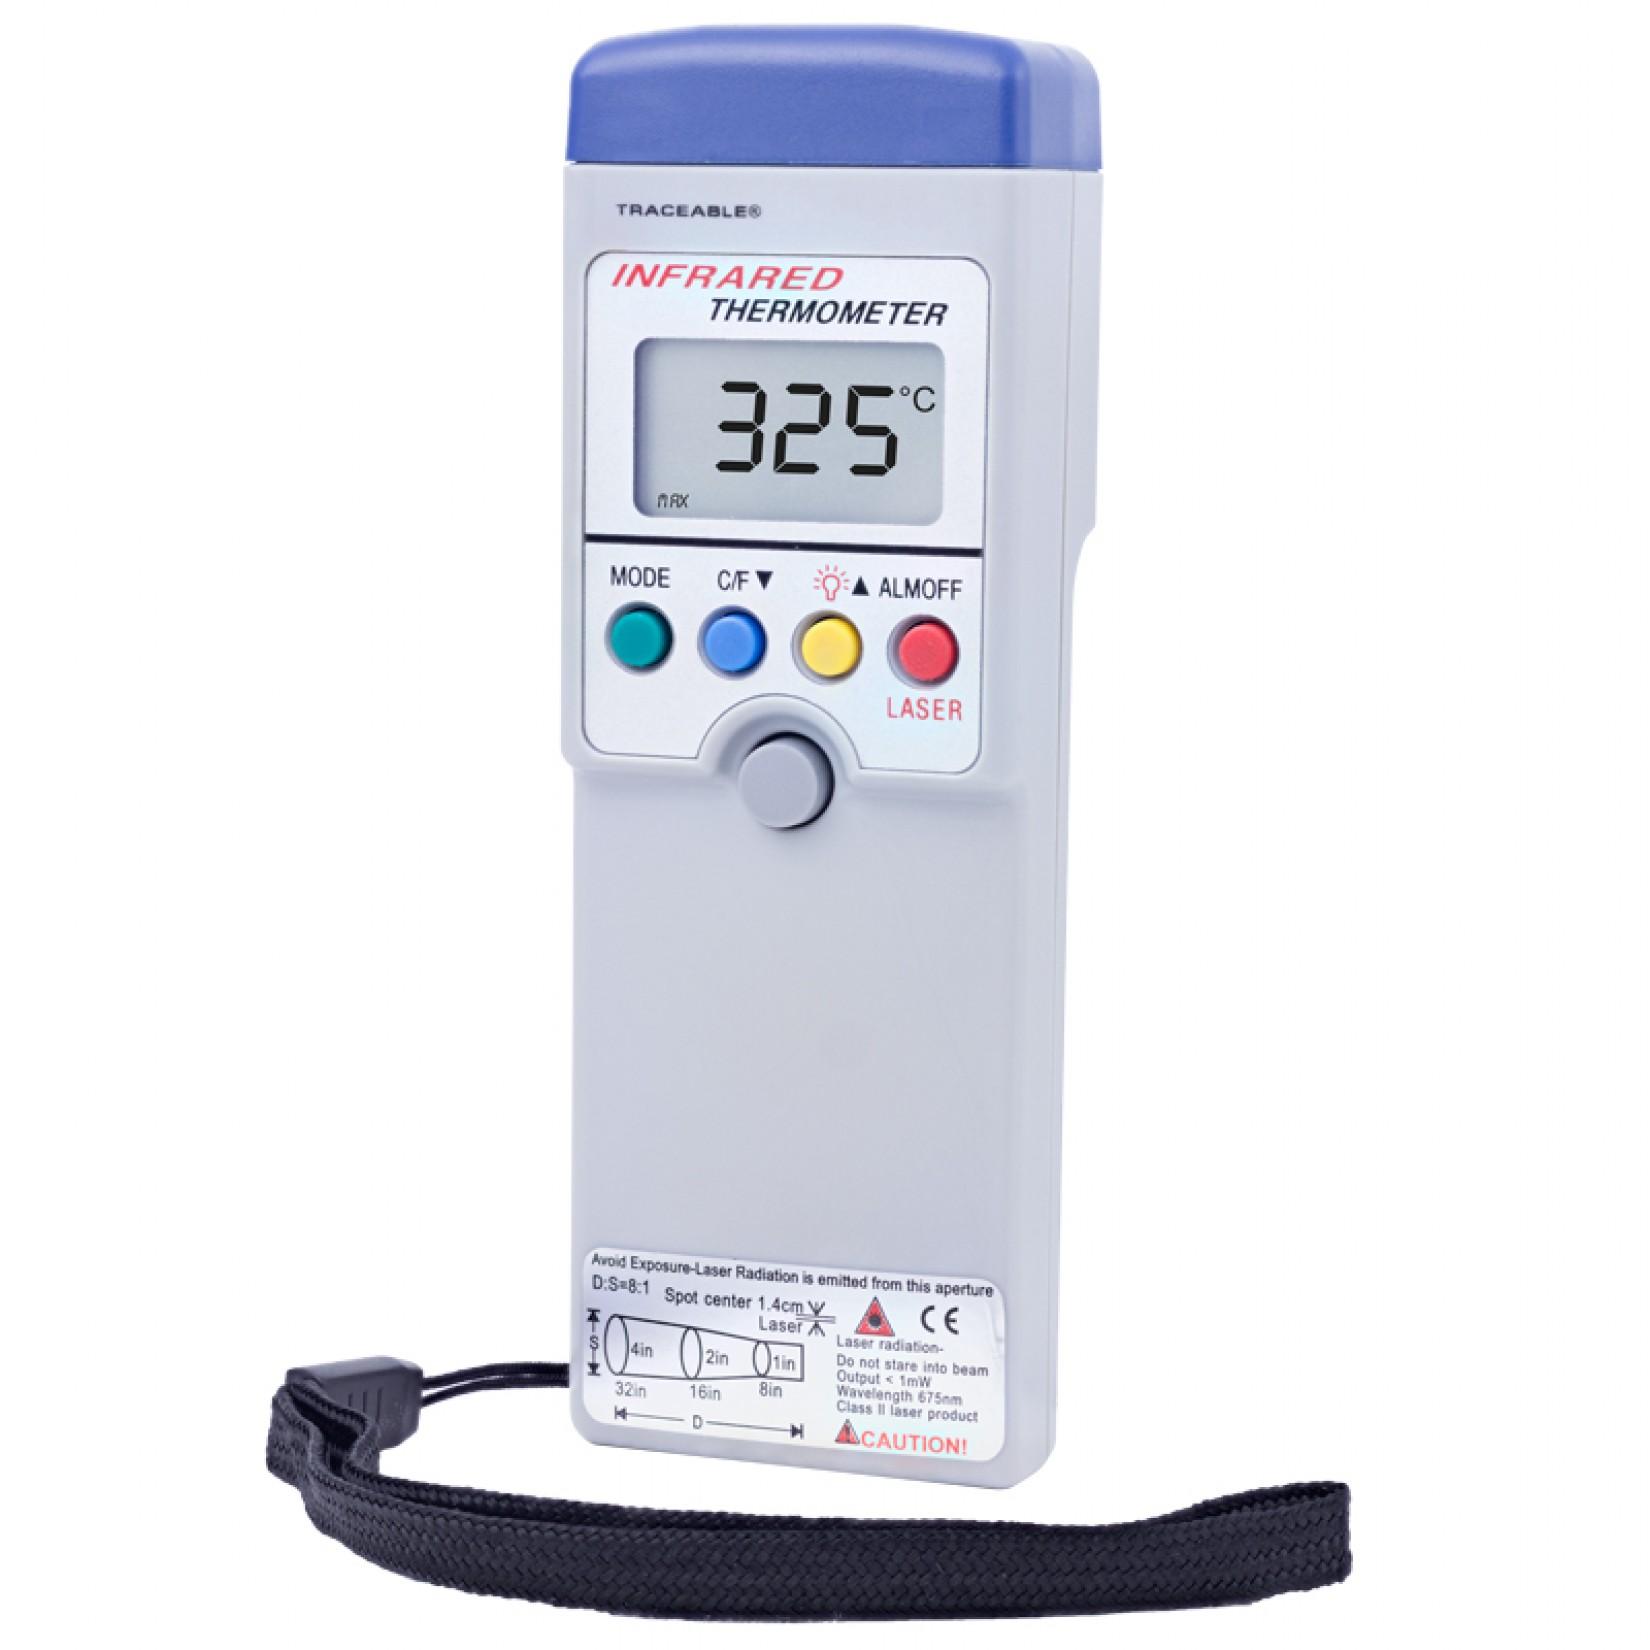 Termómetro infrarojo con memoria y alarma Certificado